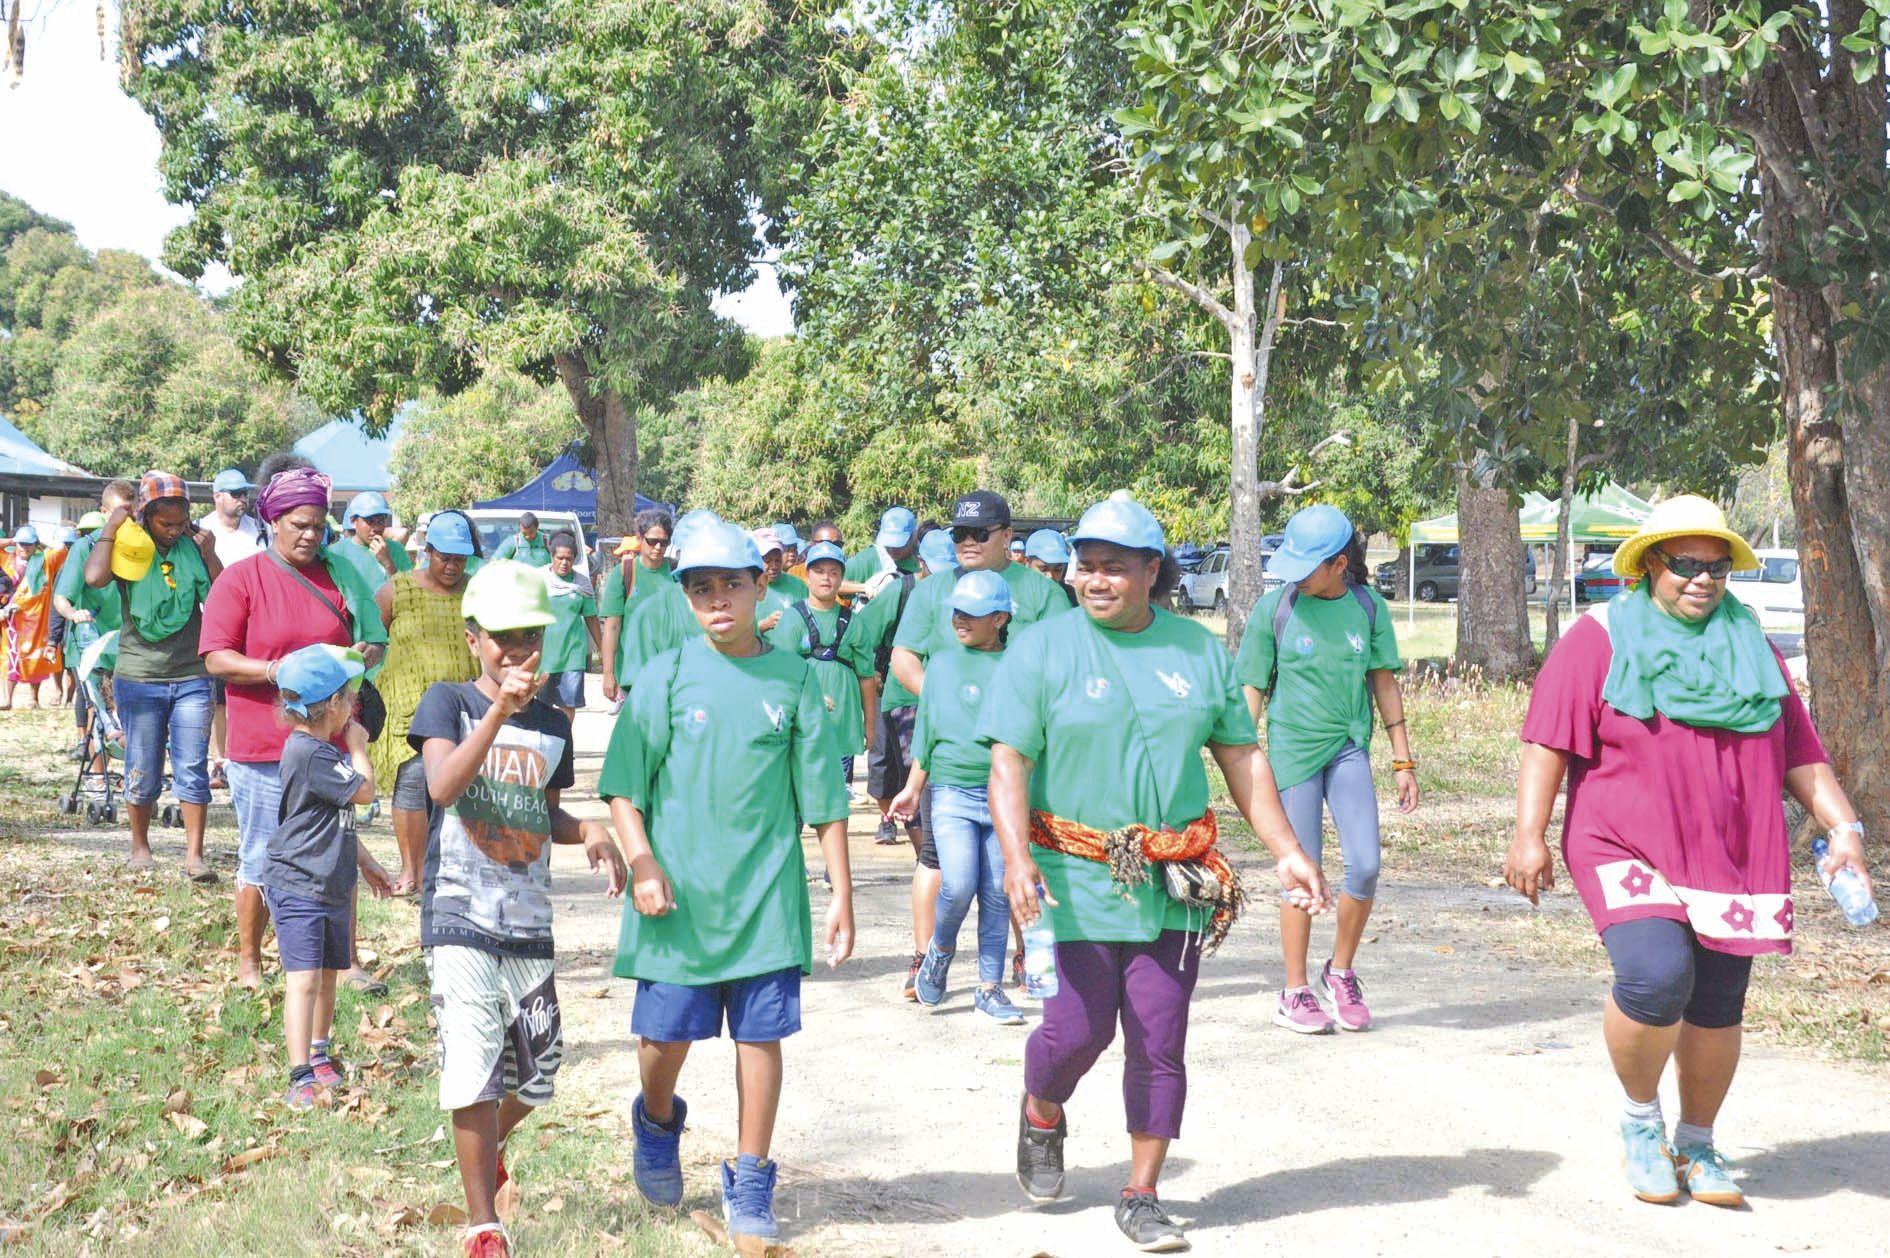 Après le petit-déjeuner d'accueil, trois cents personnes, adultes et enfants, ont commencé la journée par une marche de sept kilomètres.